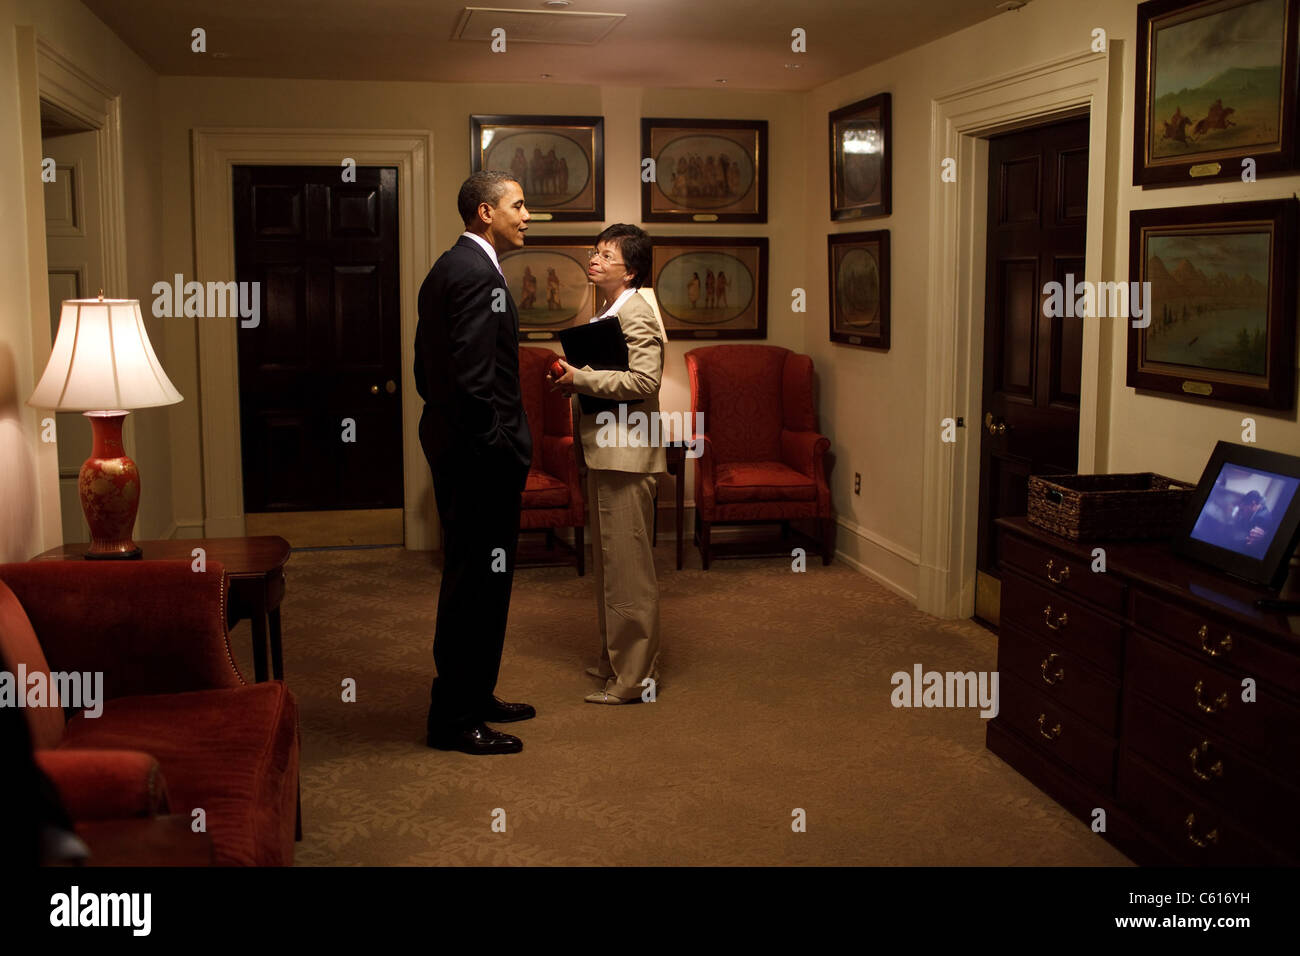 Präsident Obama und Valerie Jarrett Chat außerhalb des Oval Office, umgeben von George Catlins Malerei Stockbild